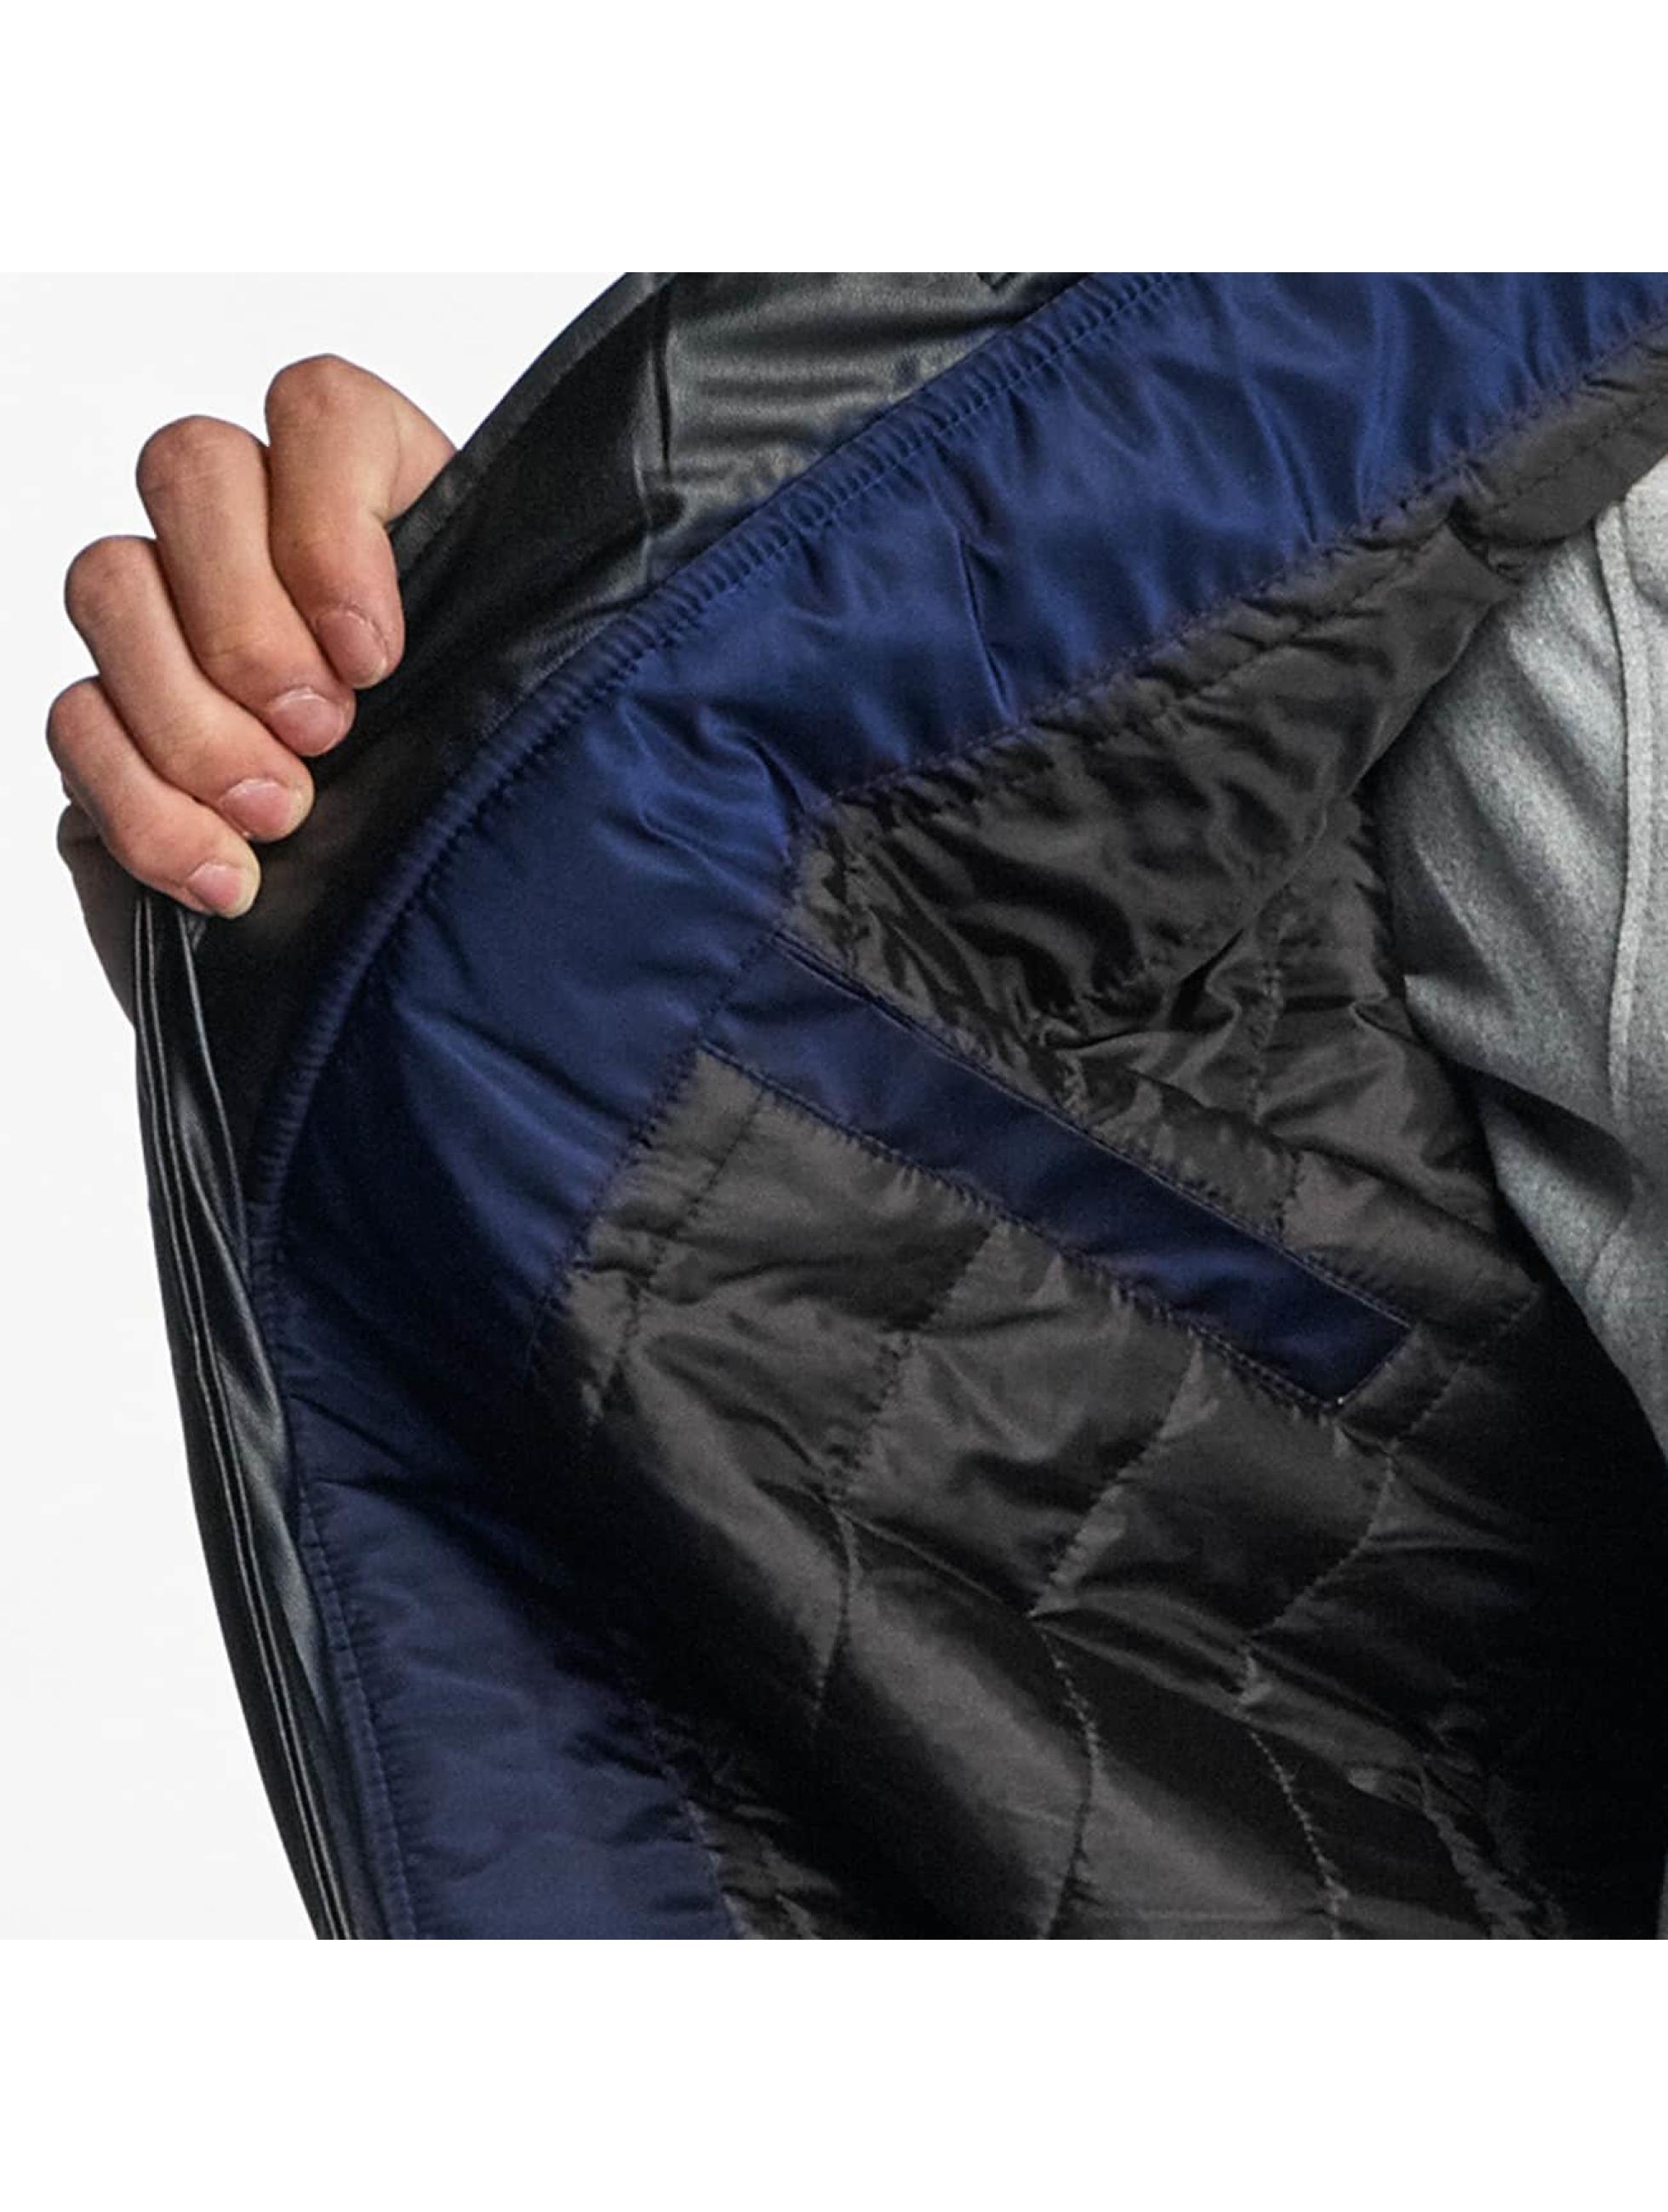 Yezz Kurtki przejściowe Joe niebieski